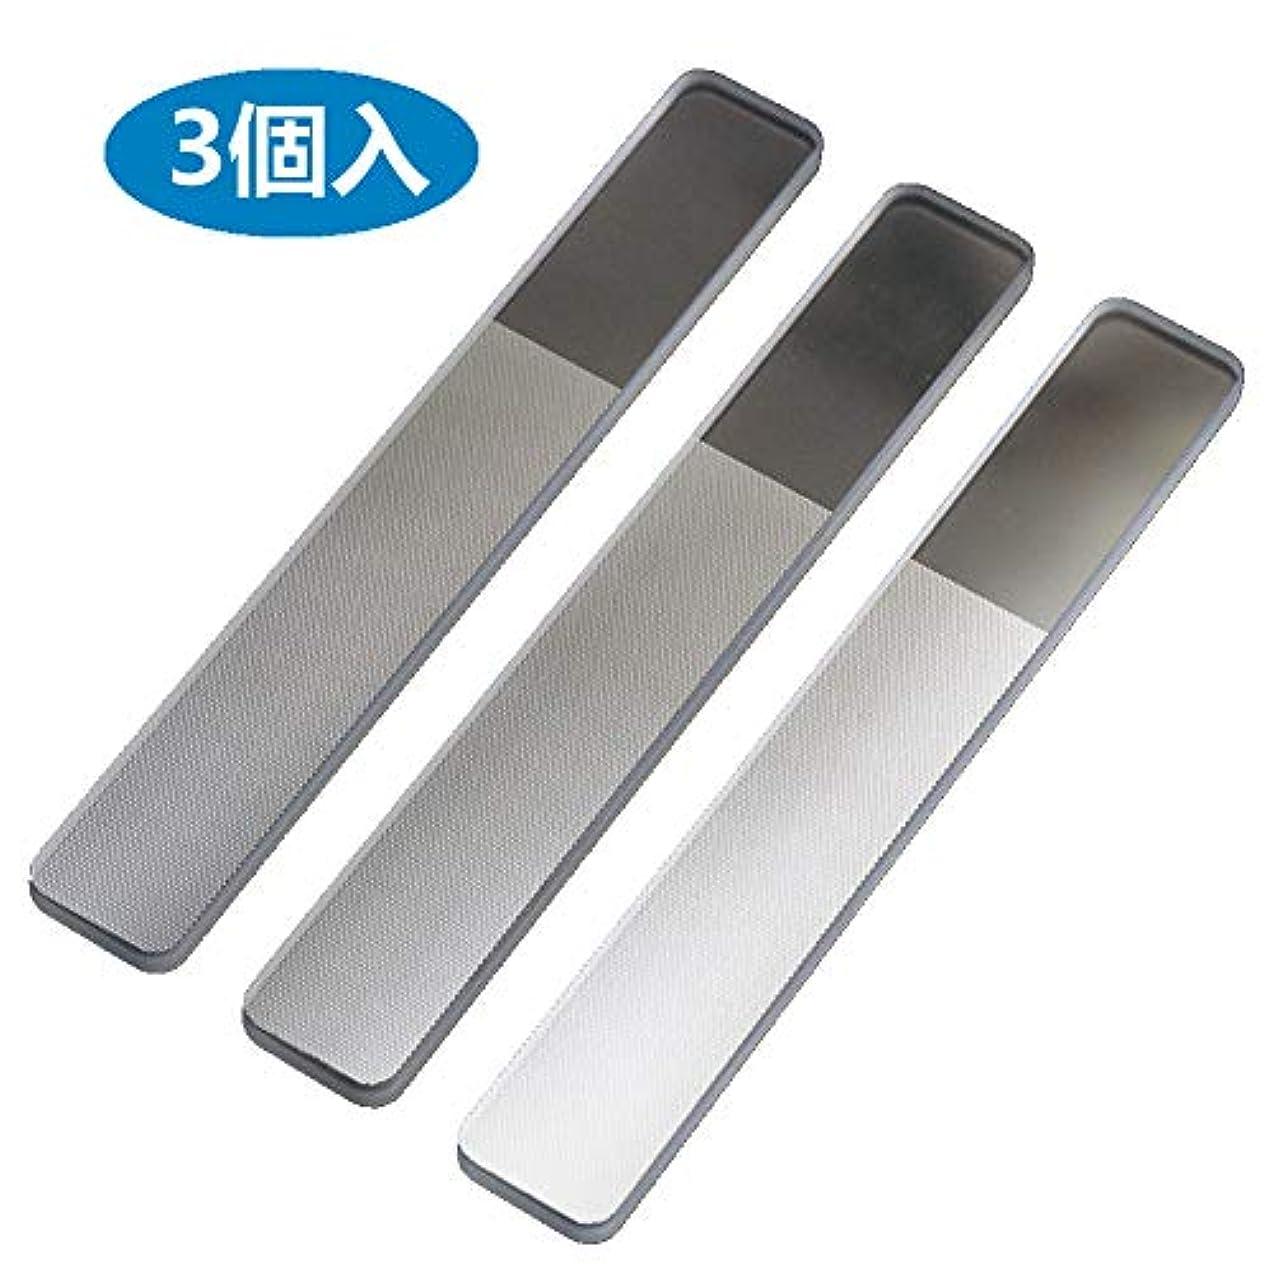 理想的サバントリネンMX 爪やすり 爪磨き ガラス製 (スタイル A 3個セット)